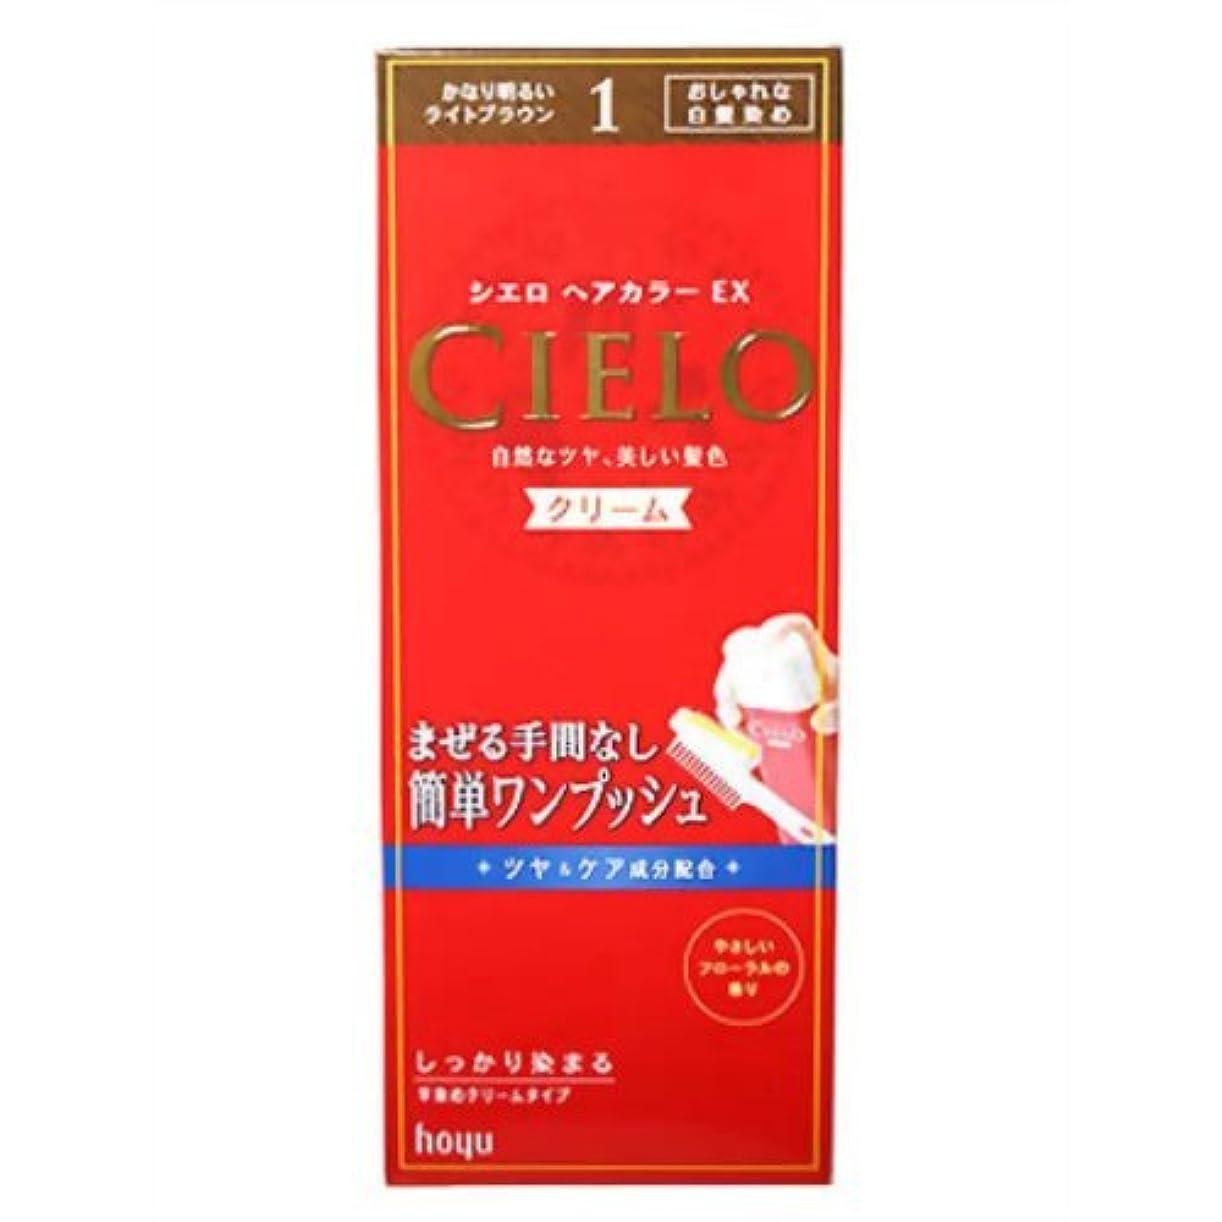 石油ごめんなさい鬼ごっこシエロ ヘアカラーEX クリーム1 (かなり明るいライトブラウン)